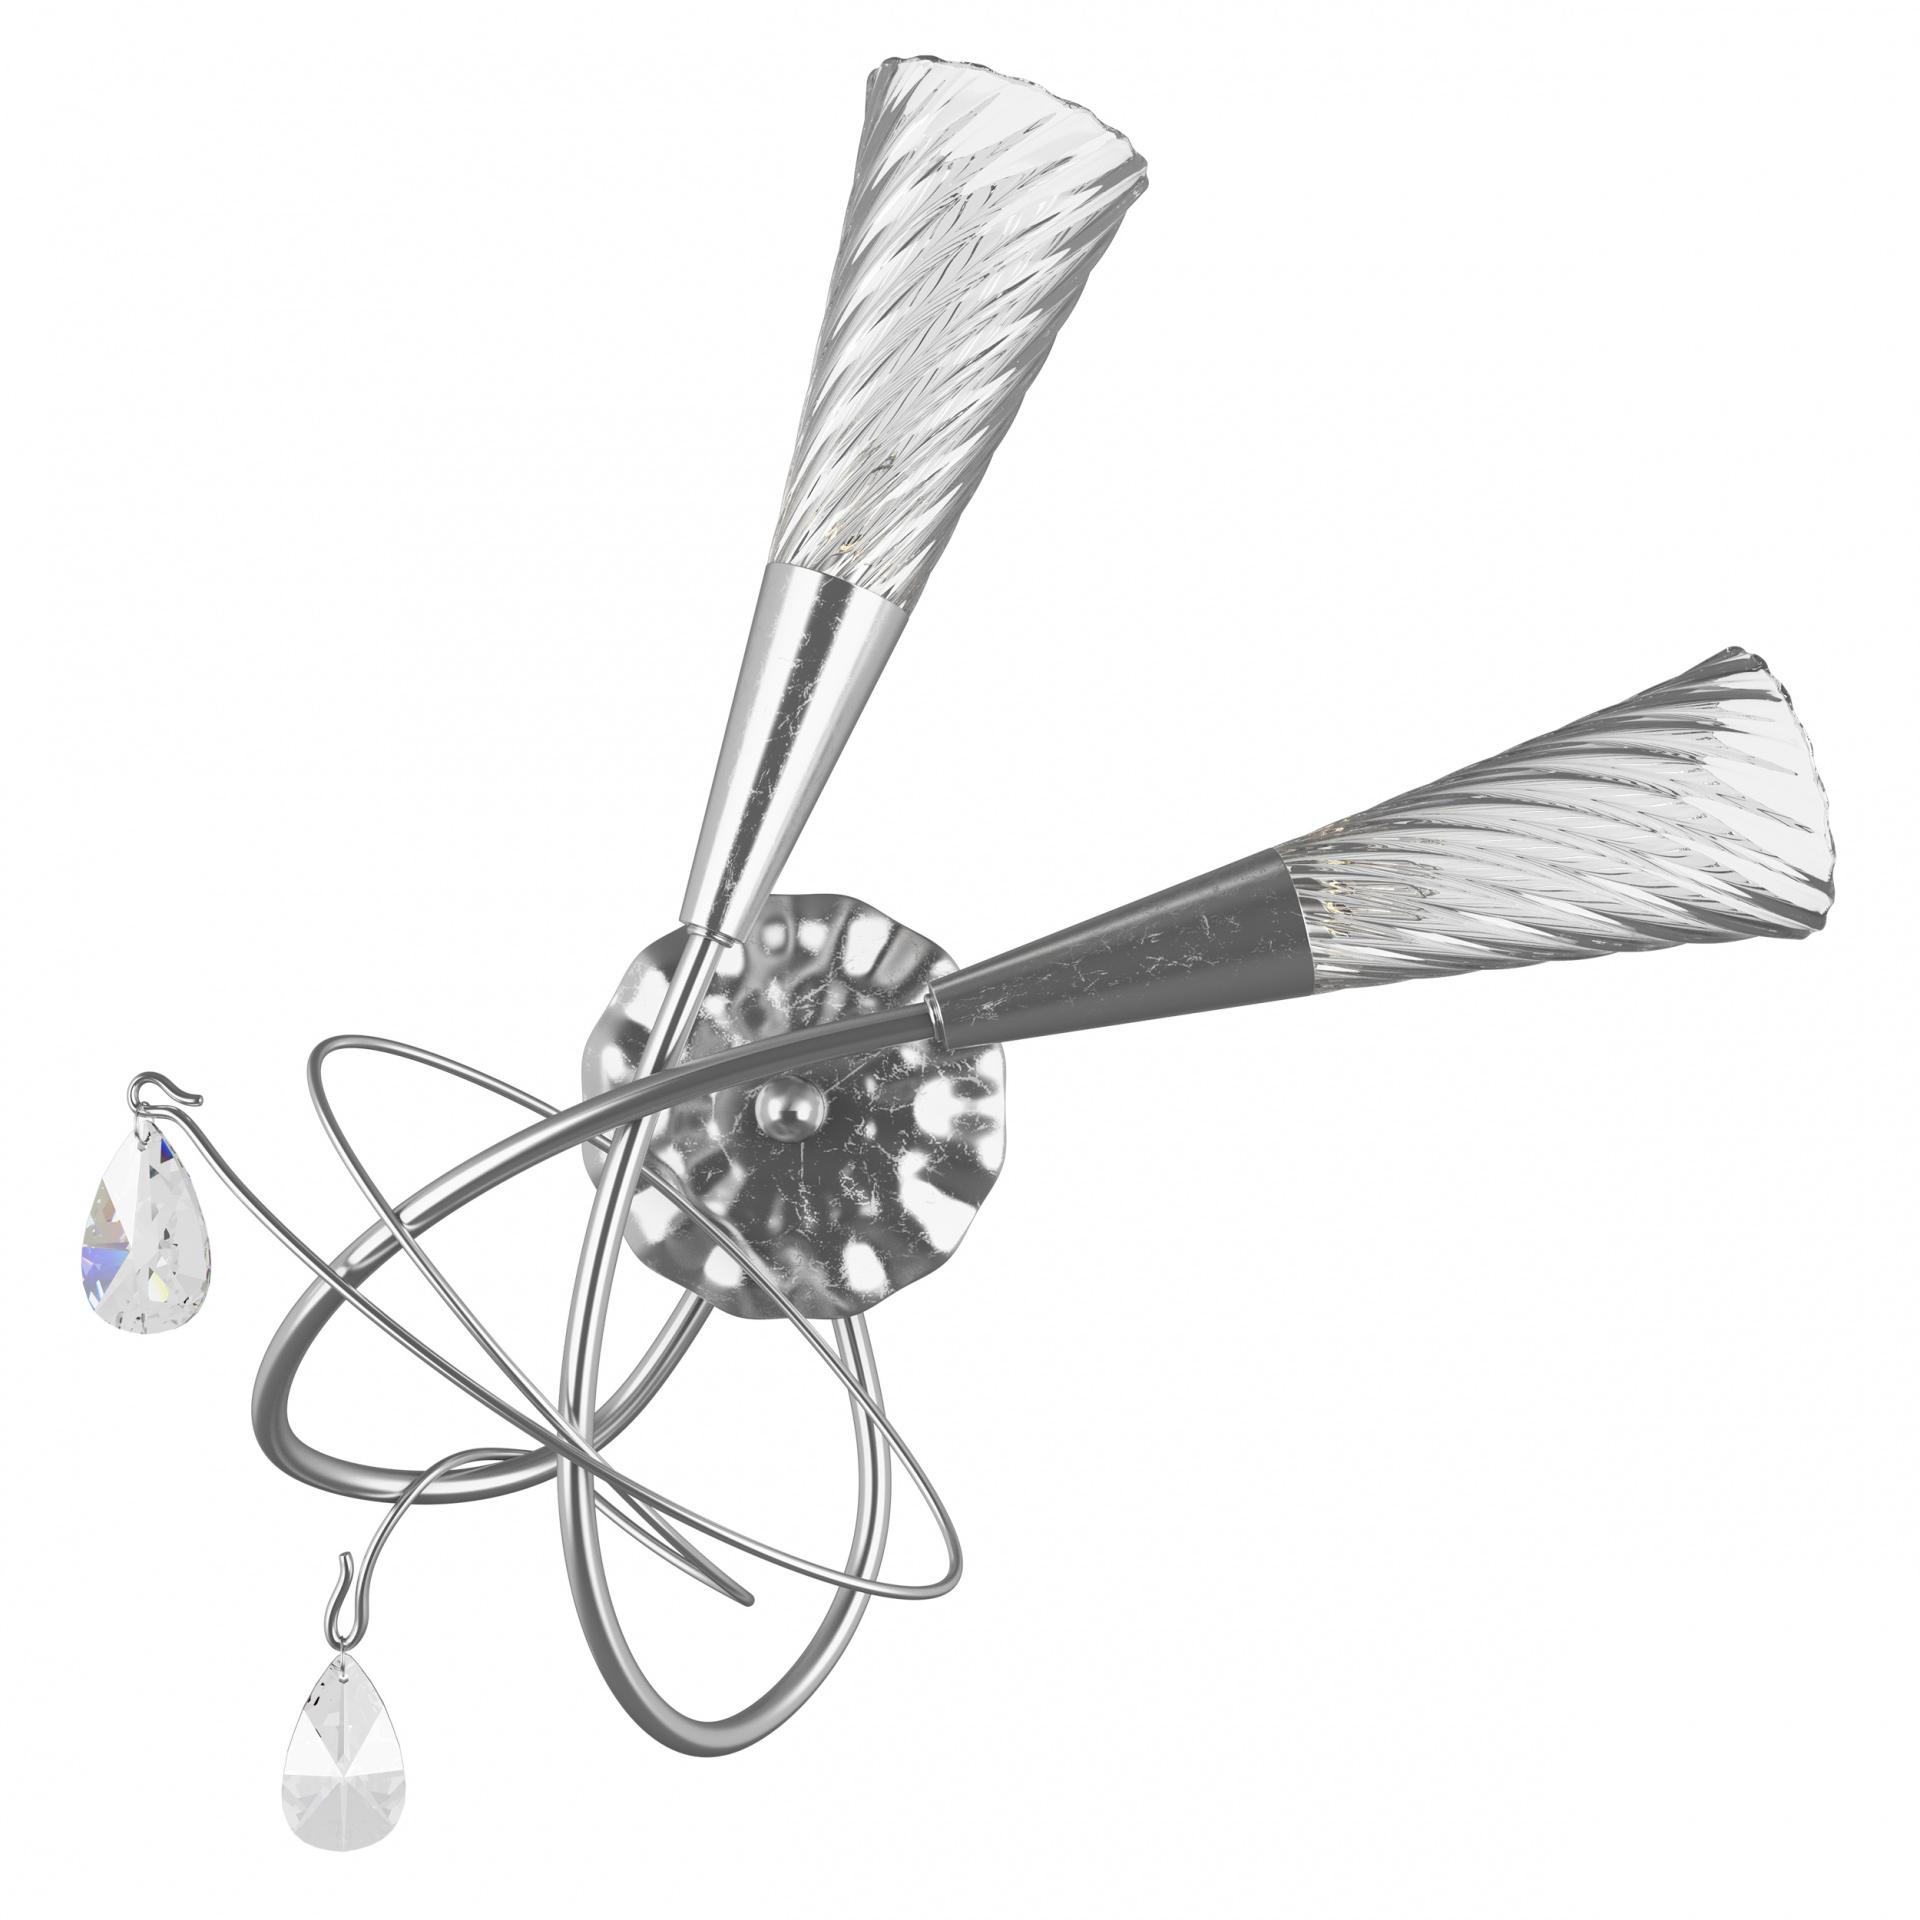 Бра Aereo 2х25W G9 silver foil Lightstar 711639, купить в СПб, Москве, с доставкой, Санкт-Петербург, интернет-магазин люстр и светильников Starlight, фото в жизни